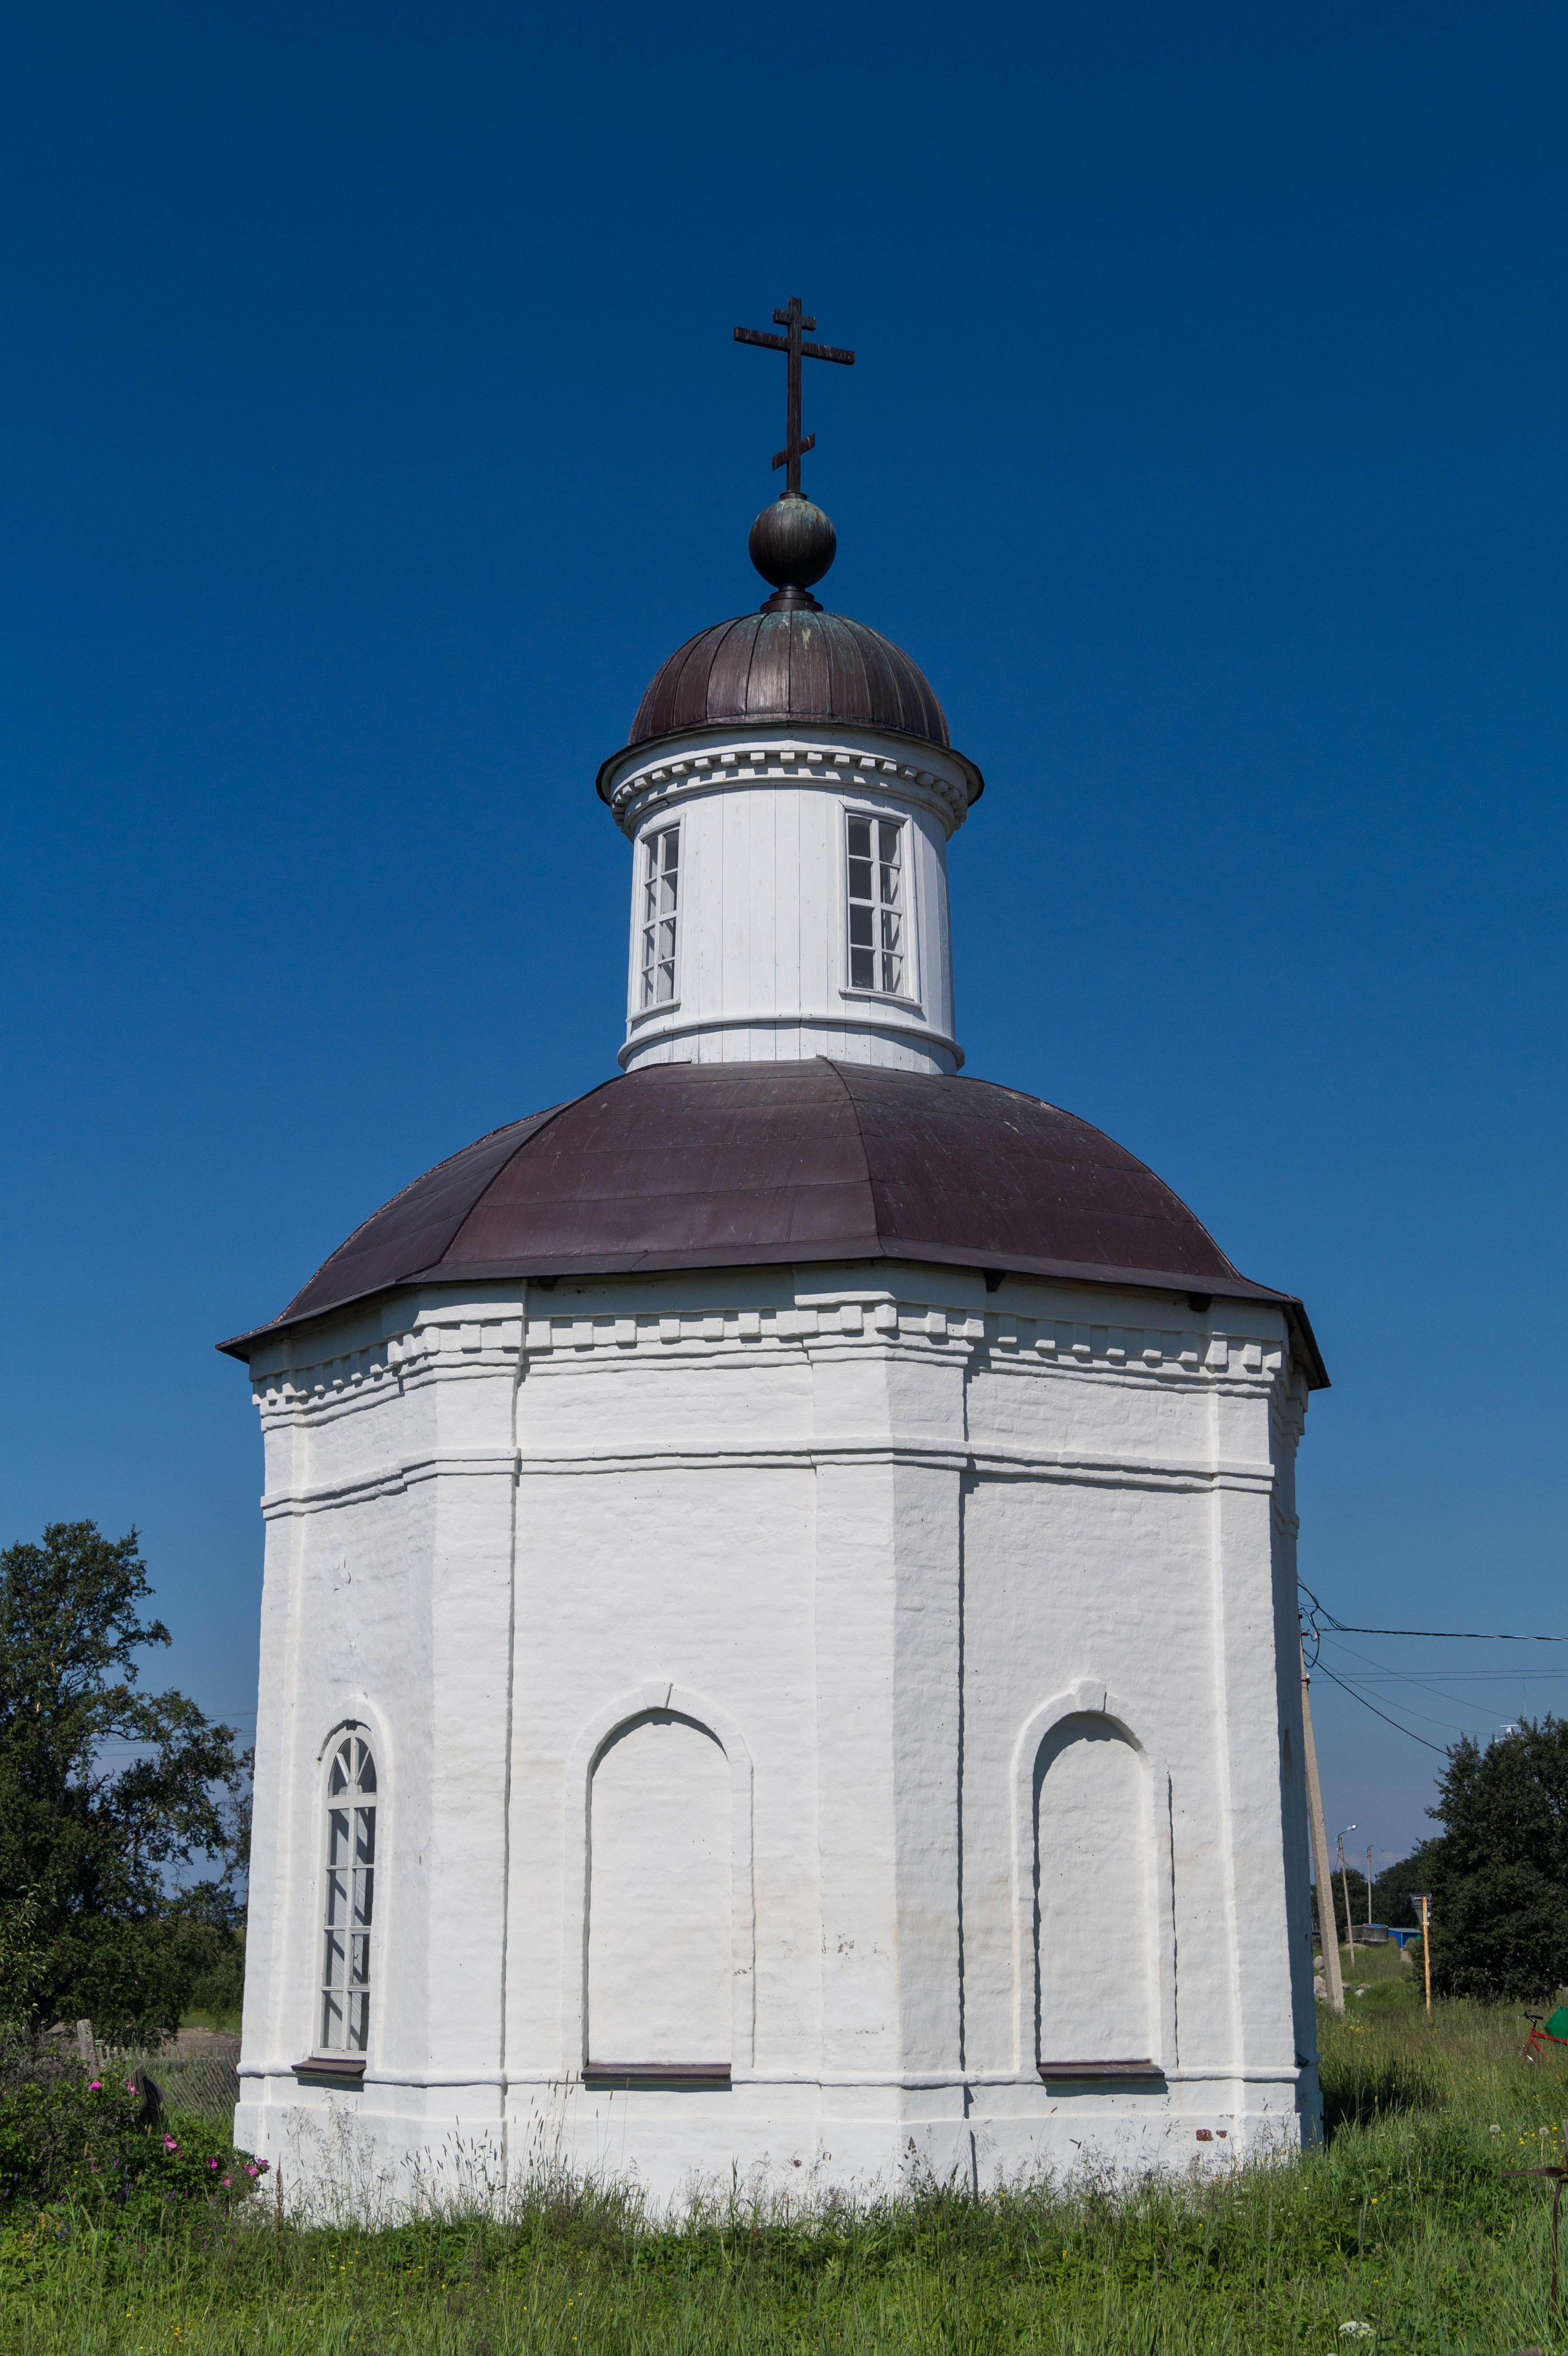 Соловецкий монастырь. Часовня, освященная в честь Филиппа, митрополита Московского.